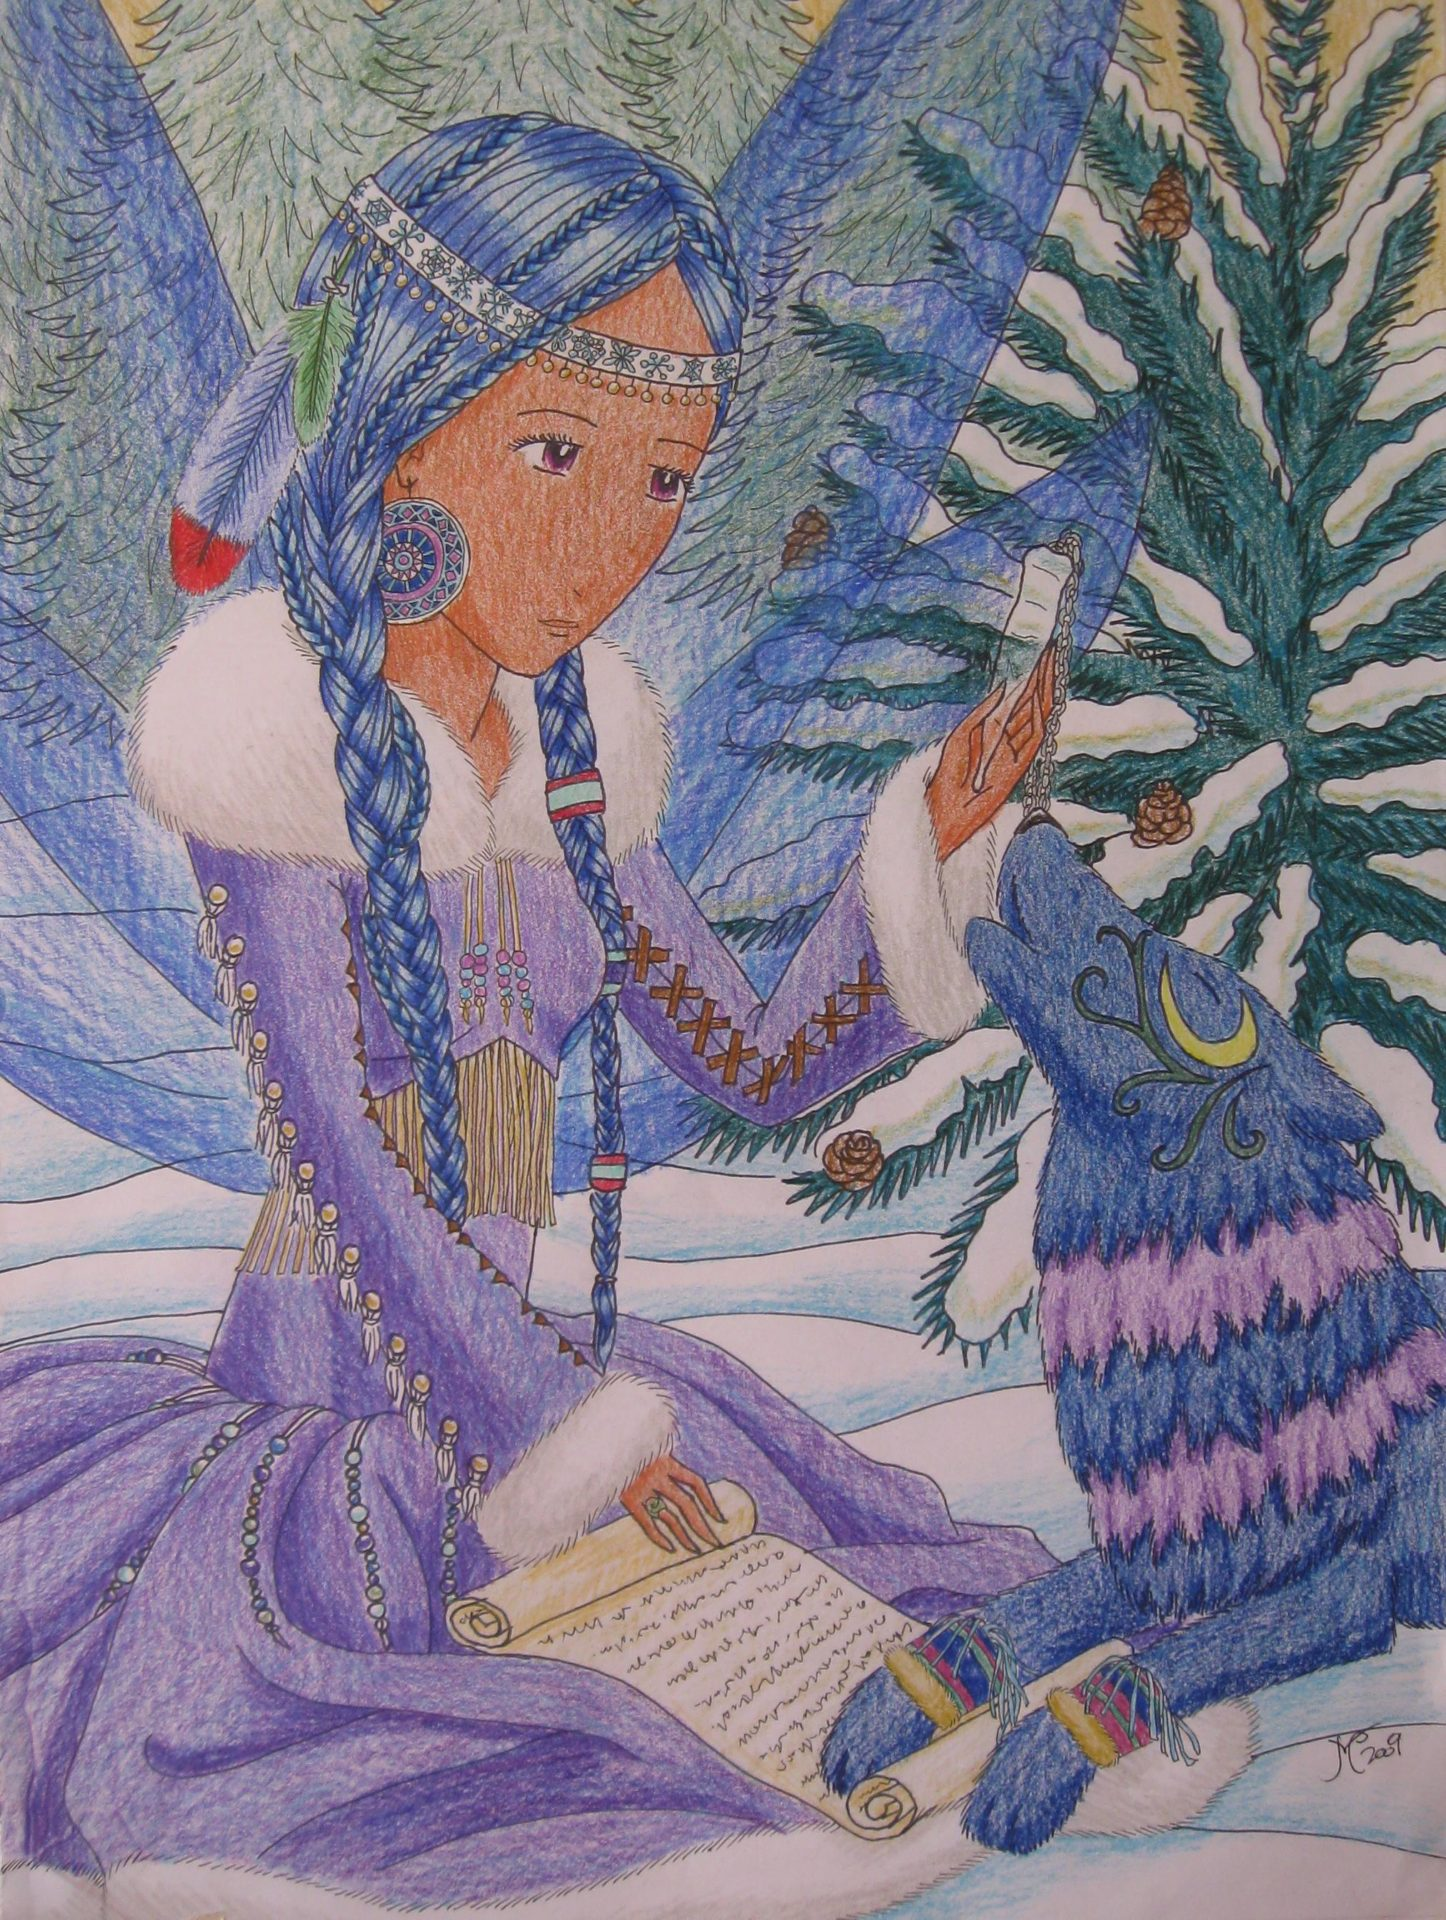 Winter, 2009, 12x16, Colored Pencil